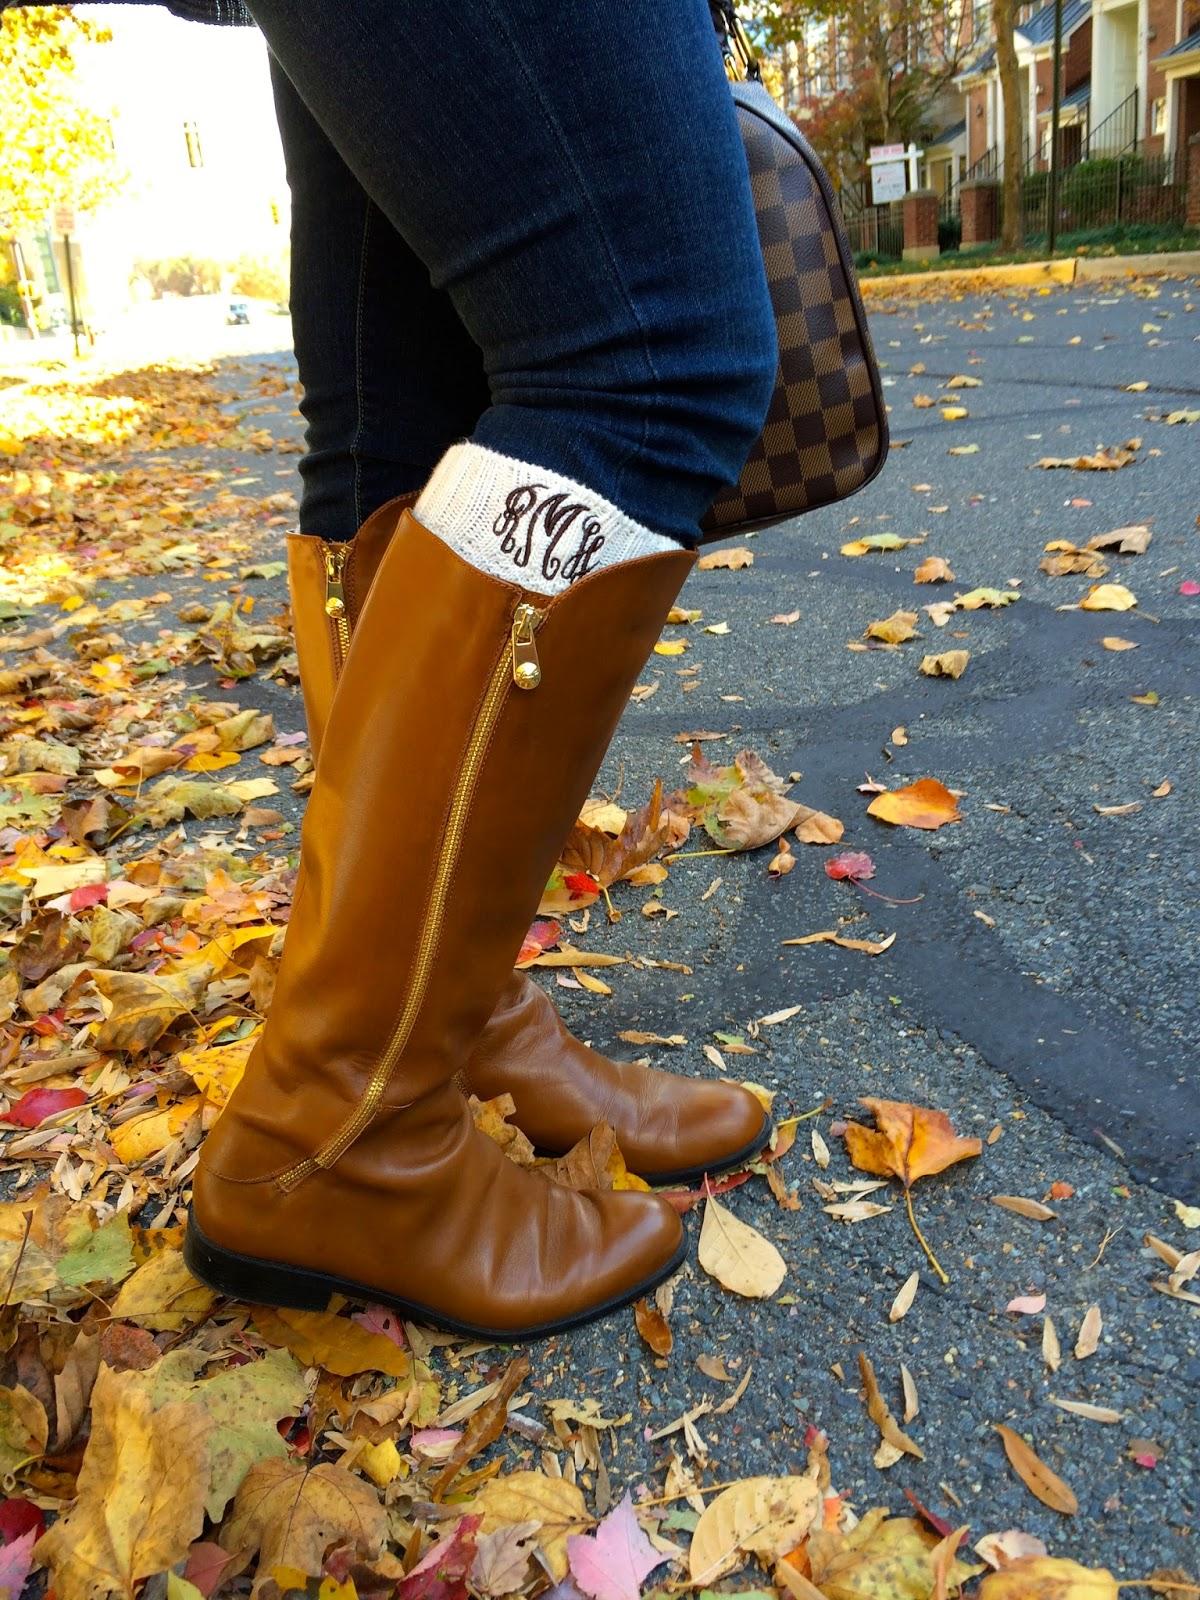 monogram-boot-socks